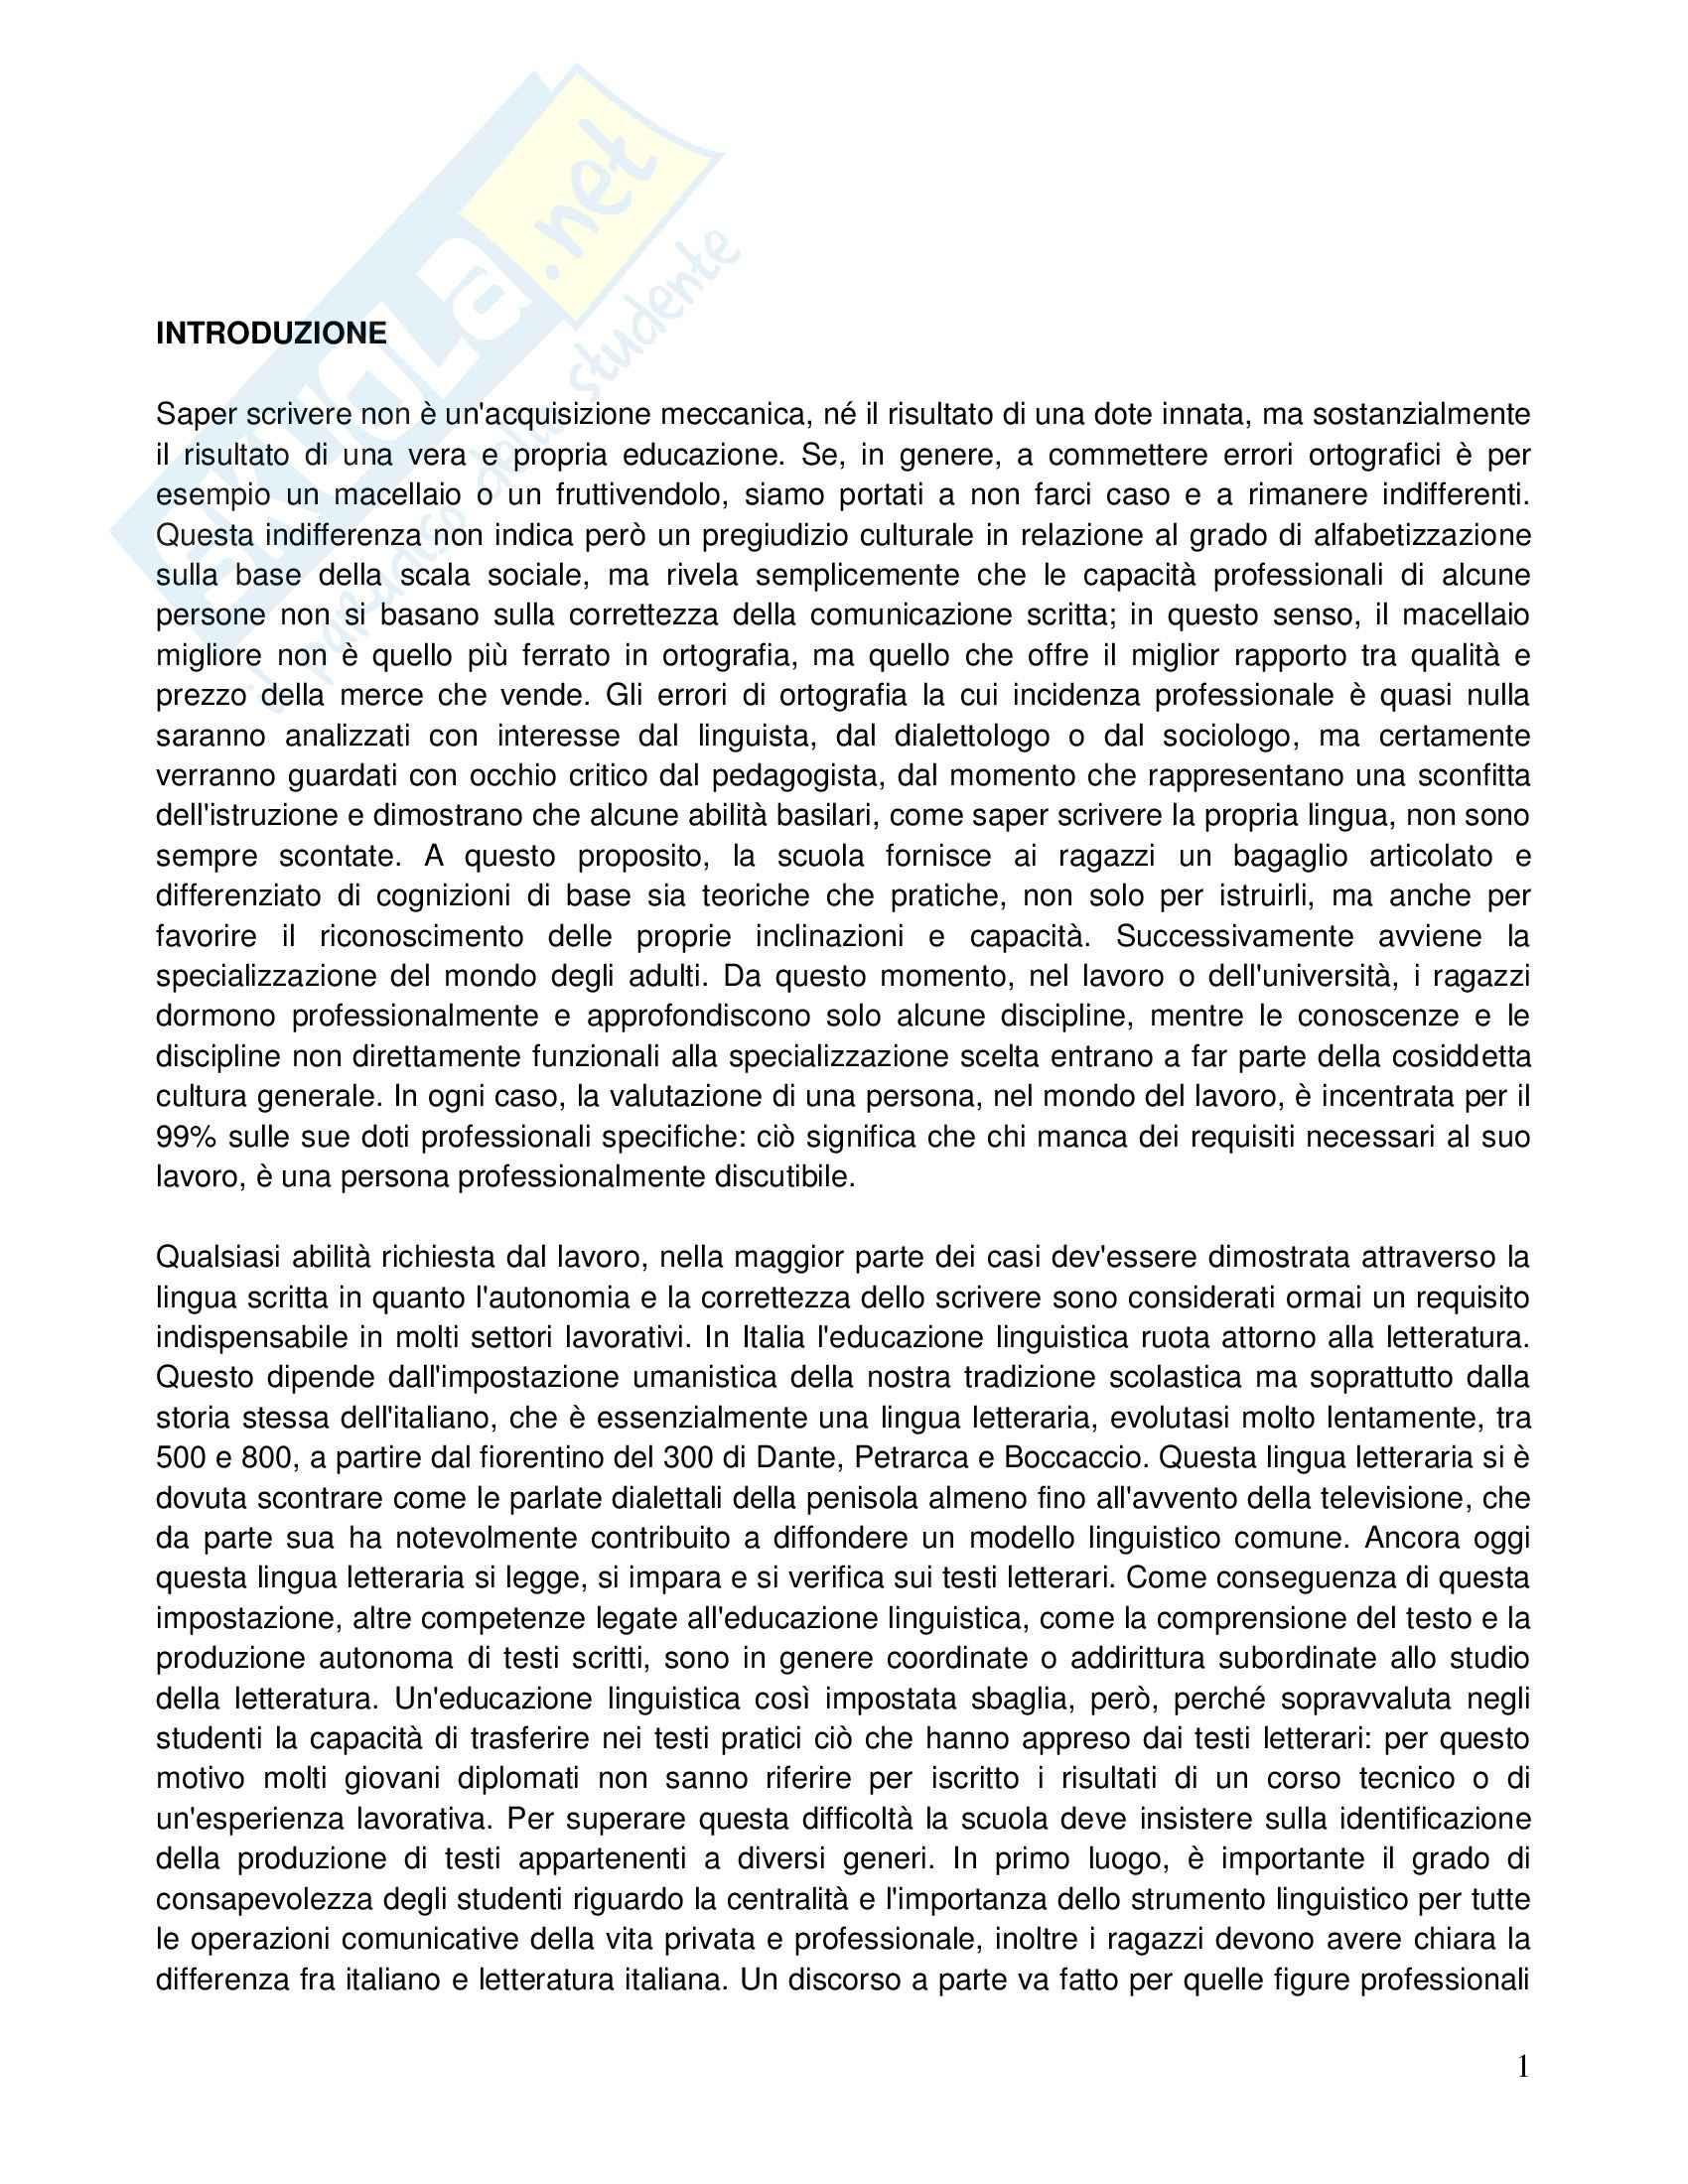 Riassunto esame Lingua italiana, prof. Rubano, libro consigliato Scrivere l'italiano. Galateo della comunicazione scritta, Fornasiero, Tamiozzo Goldmann